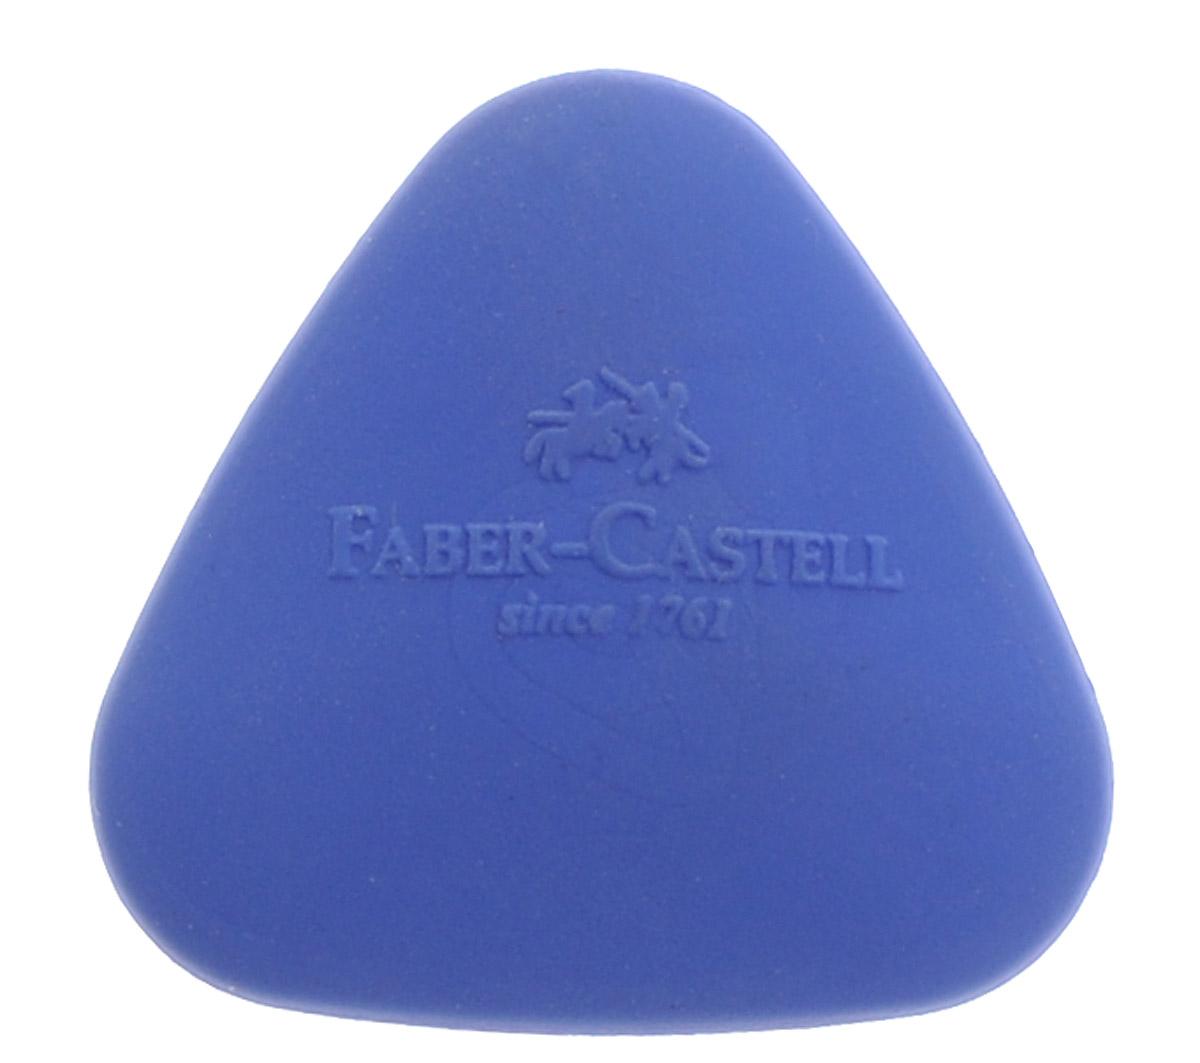 Faber-Castell Ластик формованный треугольный цвет синий589024_синийЛастик Faber-Castell - незаменимый аксессуар на рабочем столе не только школьника или студента, но и офисного работника. Он легко и без следа удаляет надписи, сделанные карандашом. Ластик имеет форму треугольника и его очень удобно держать в руке.